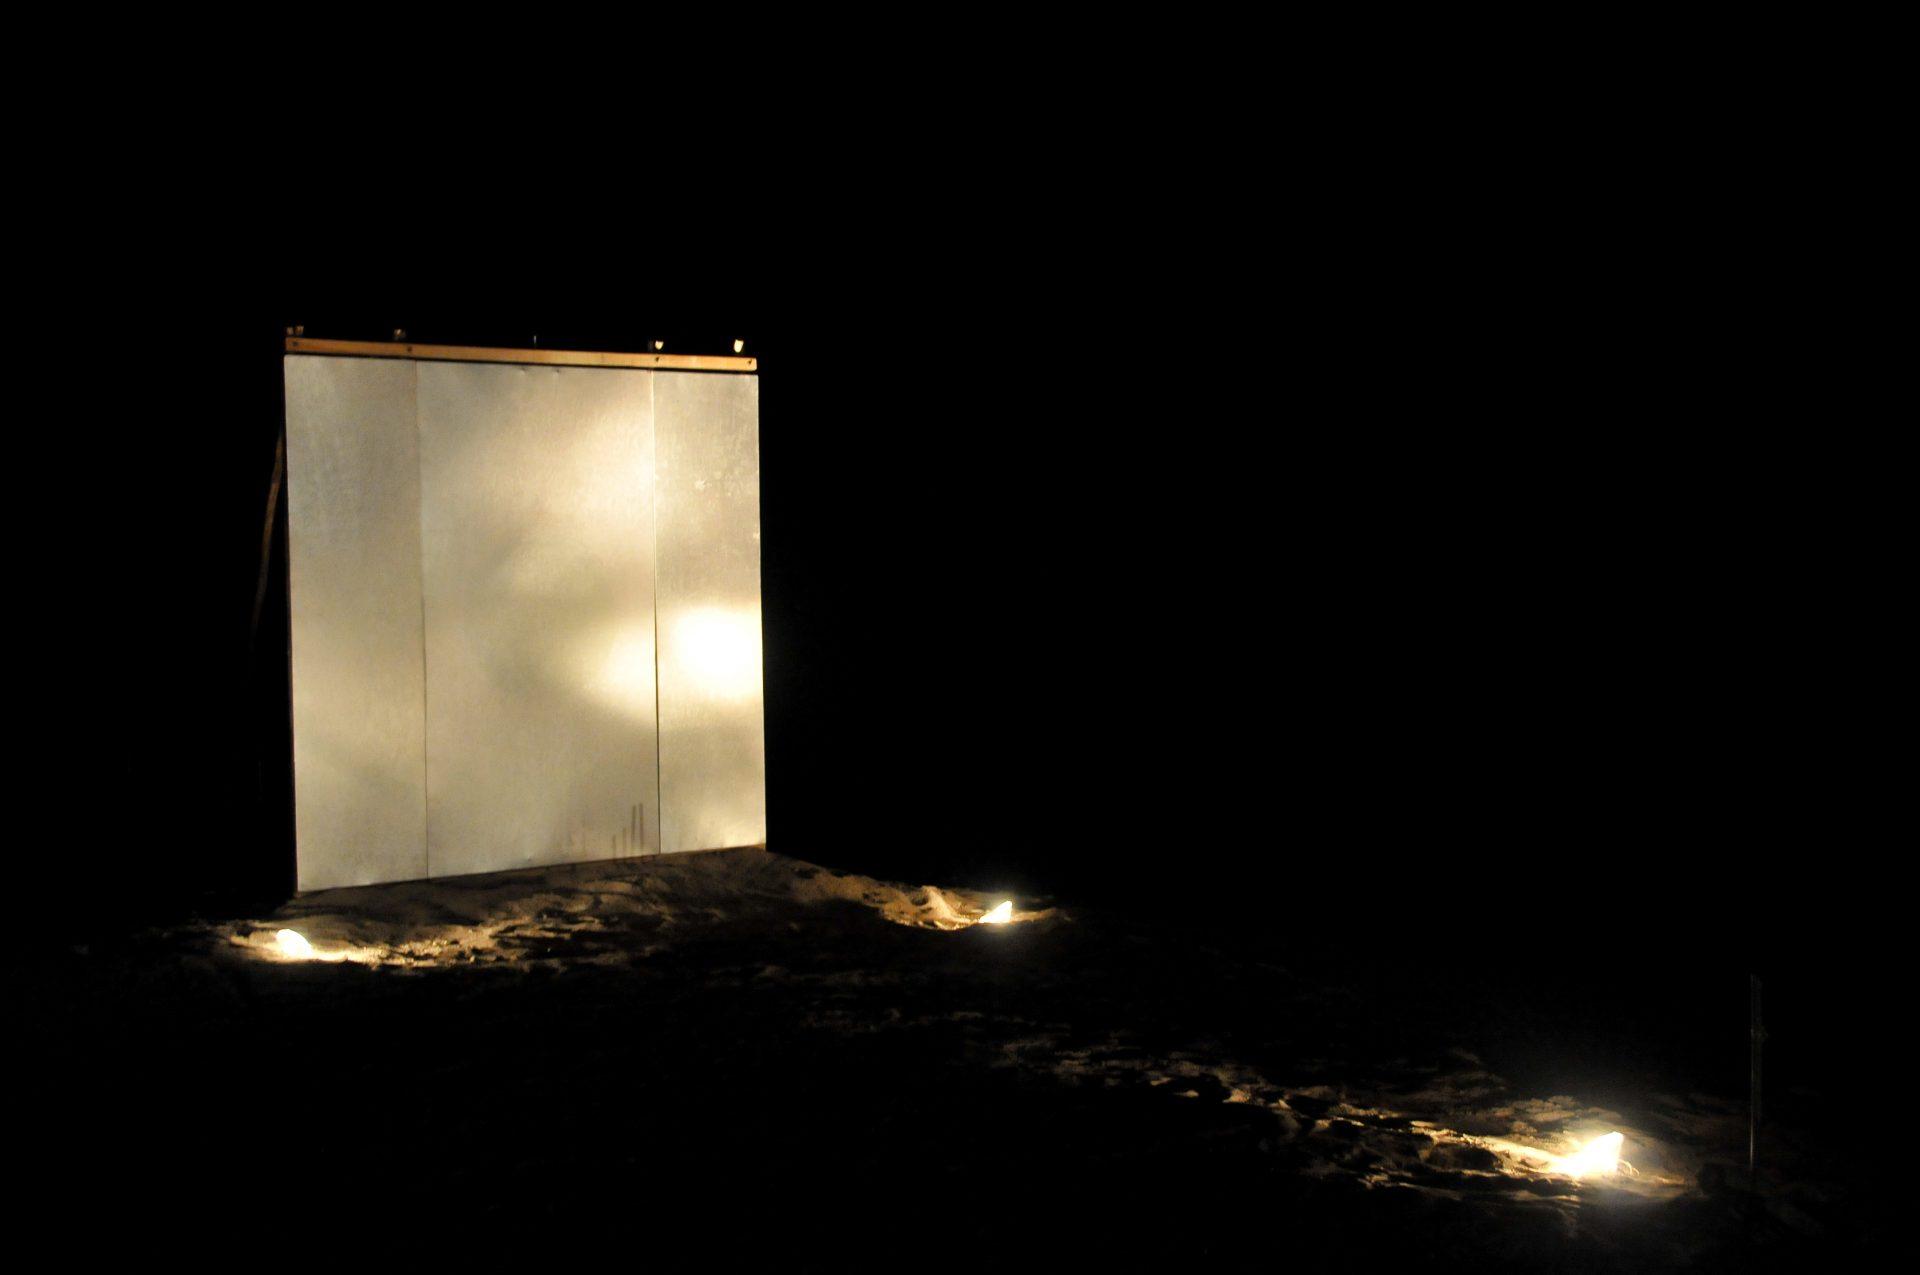 2008_peru_desierto_present3_02_desert_moon